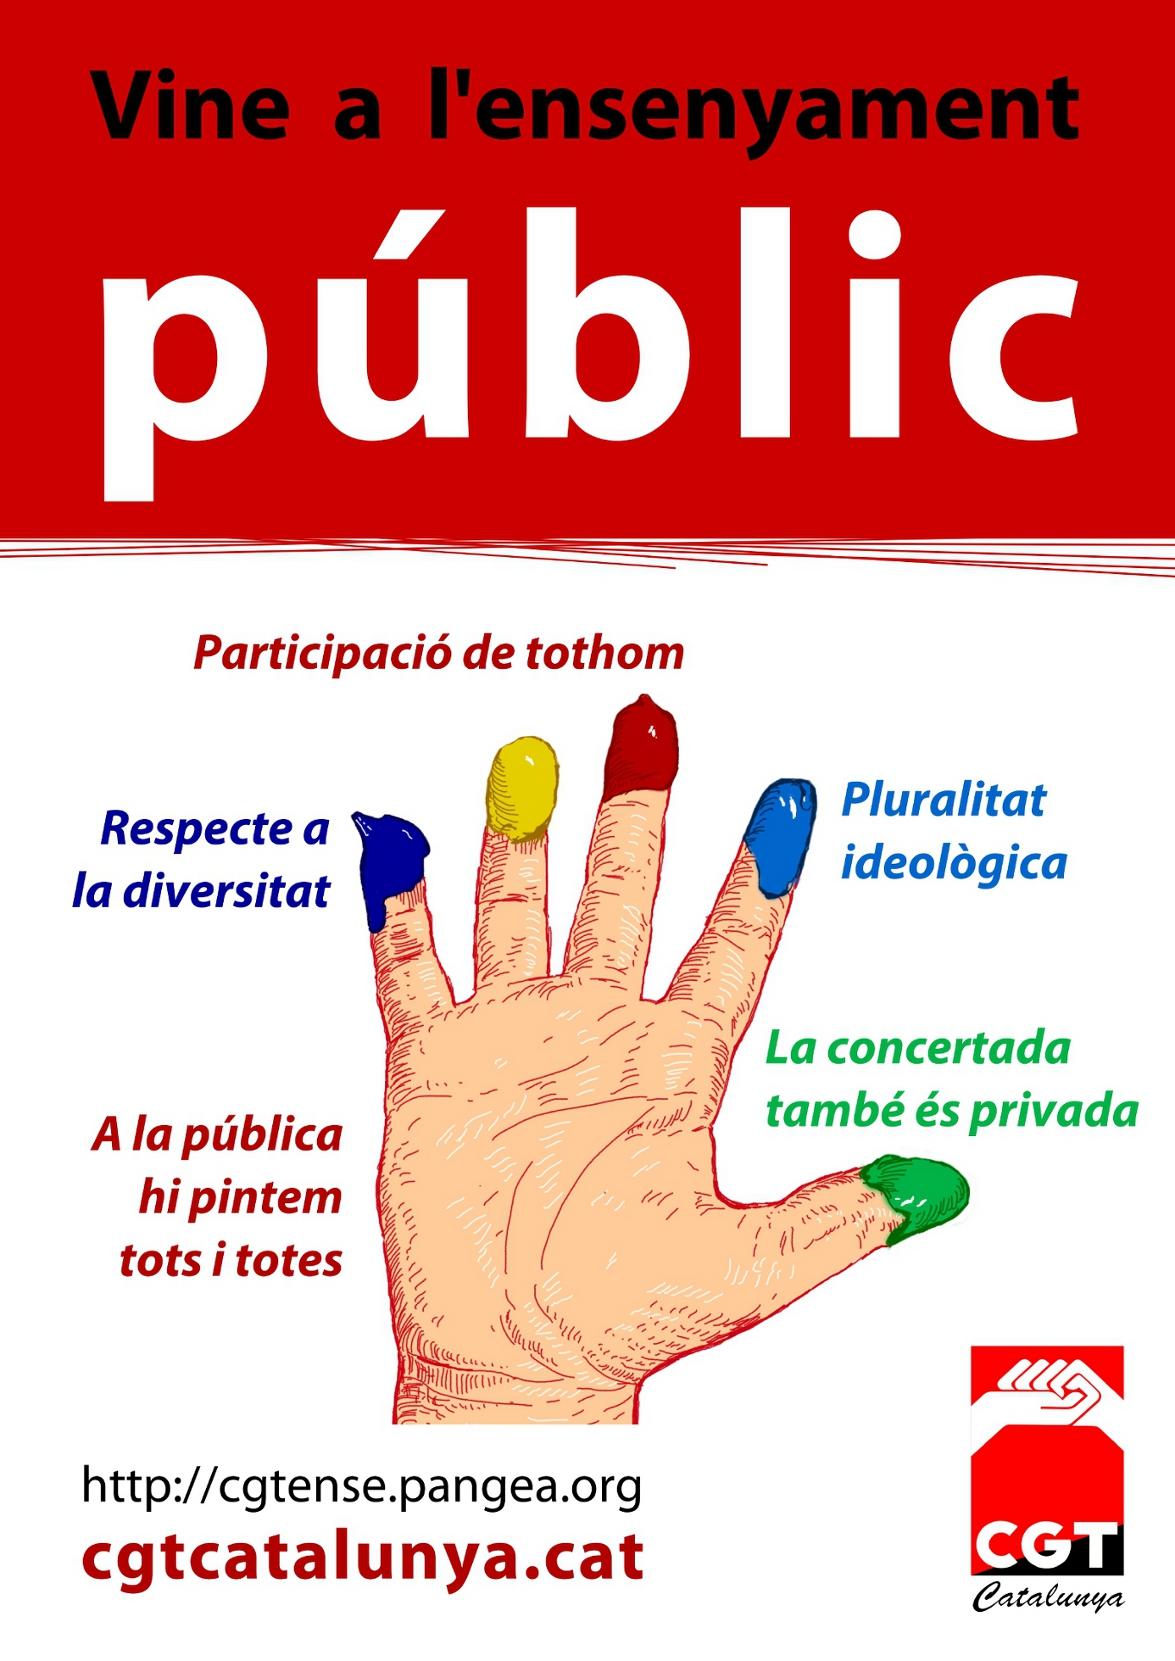 vine_a_l_ensenyamen_public.jpg